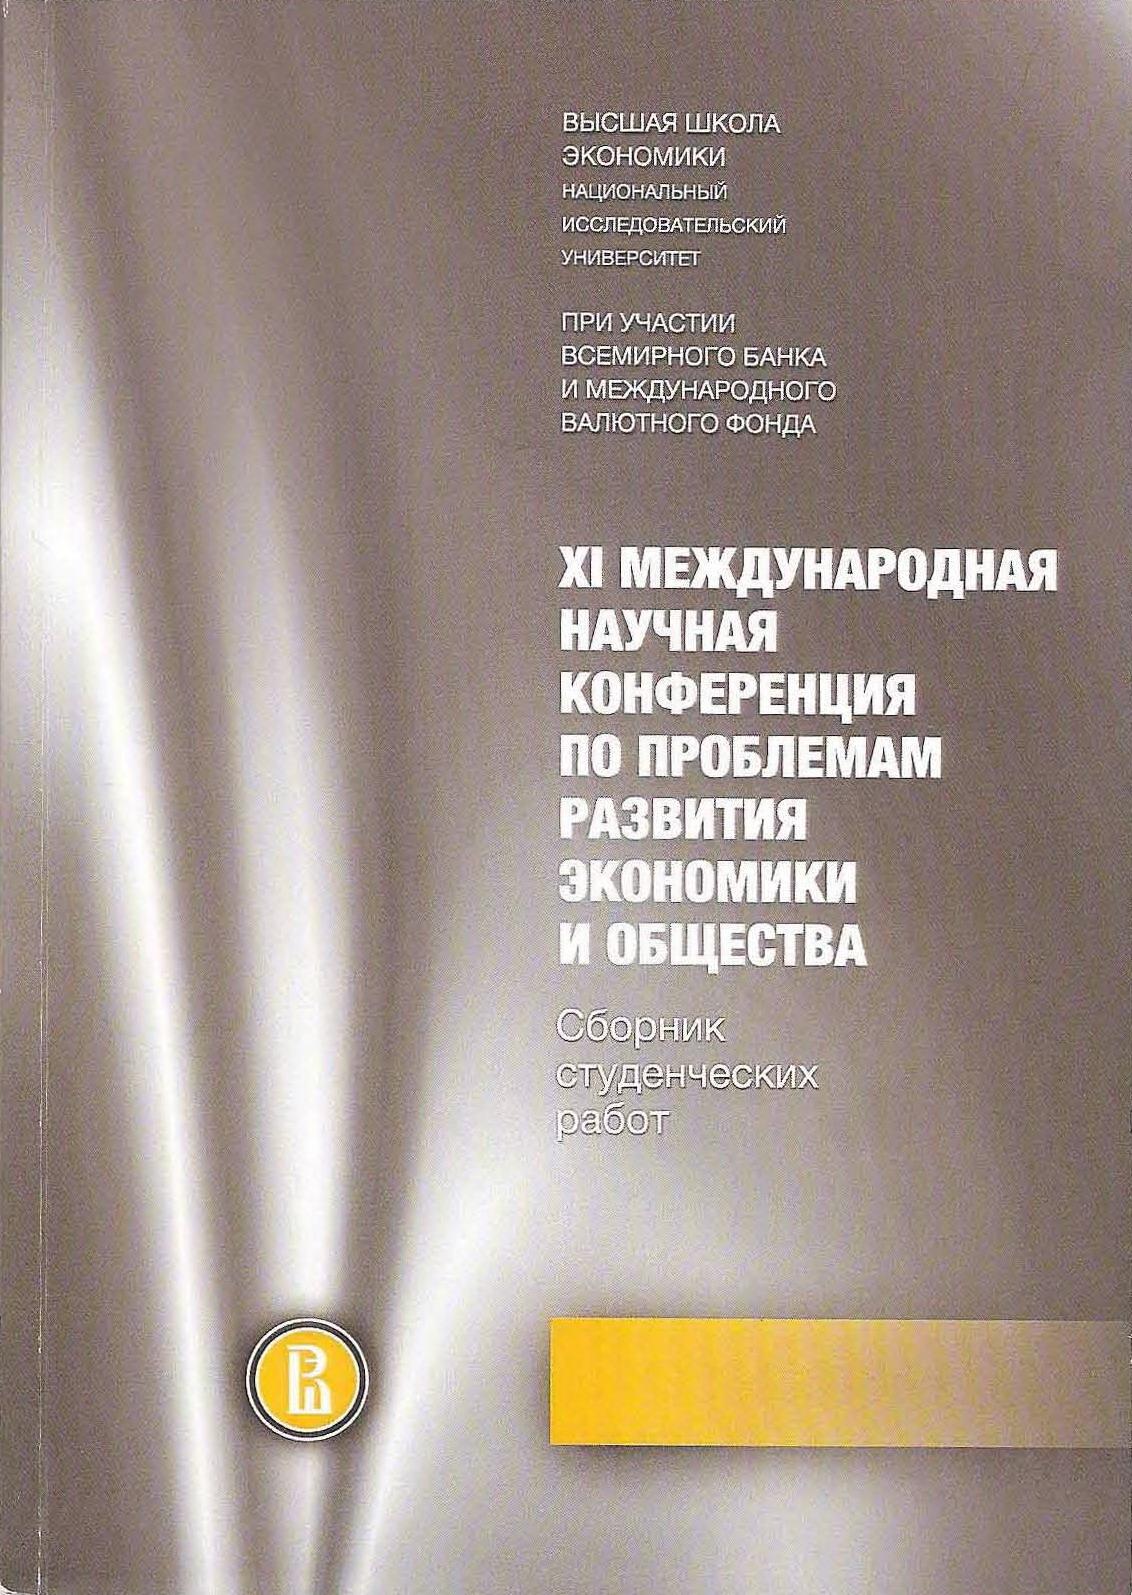 XI Международная научная конференция по проблемам развития экономики и общества. Сборник студенческих работ